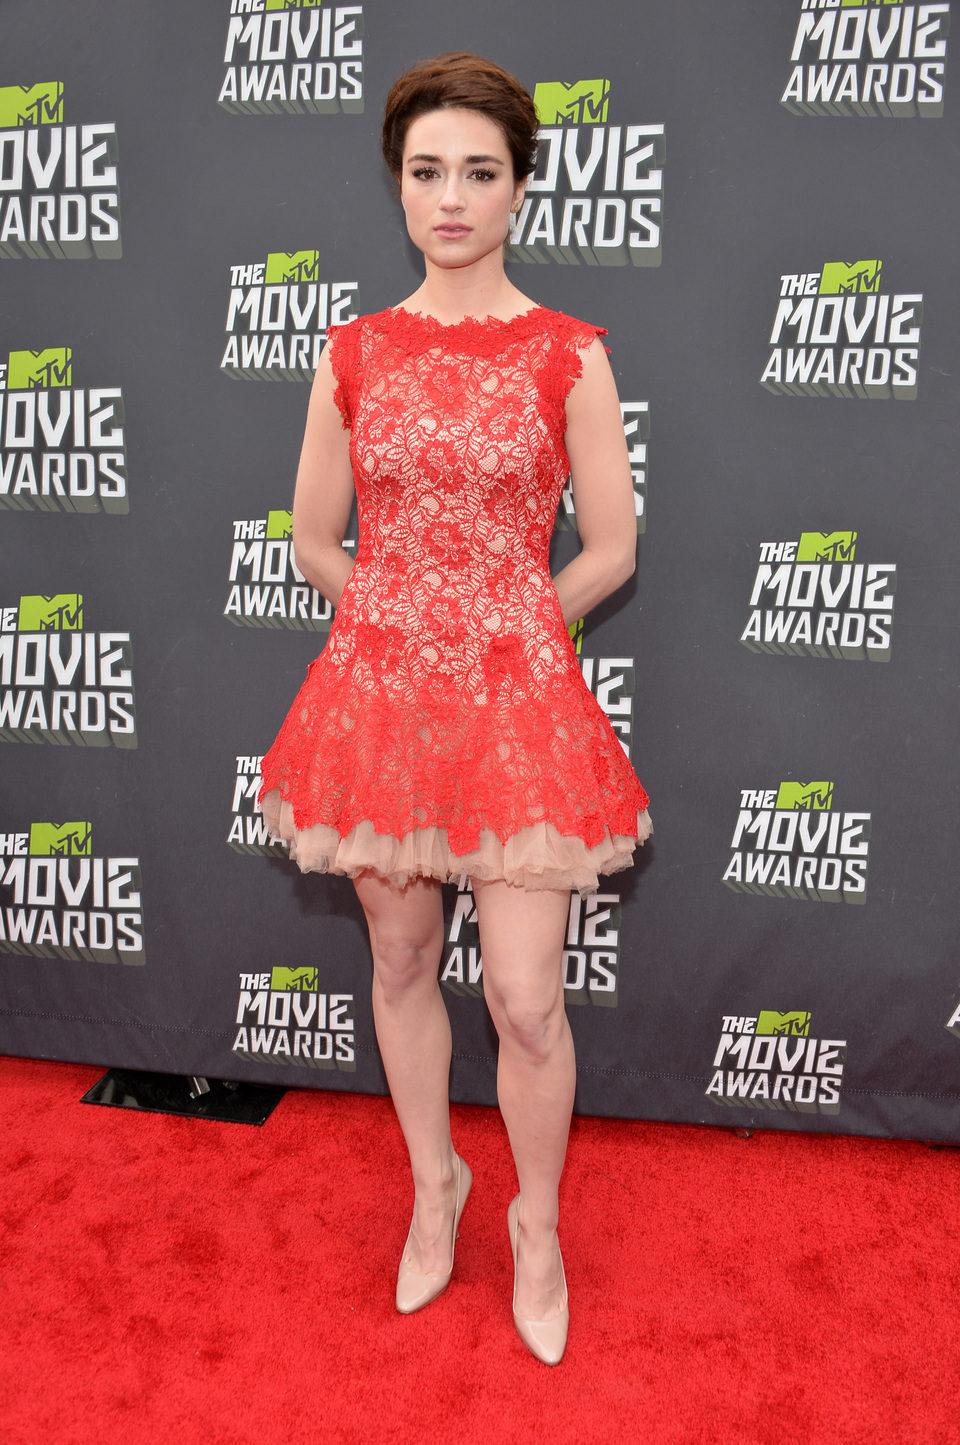 Crystal Reed en la alfombra roja de la entrega de los MTV Movie Awards 2013